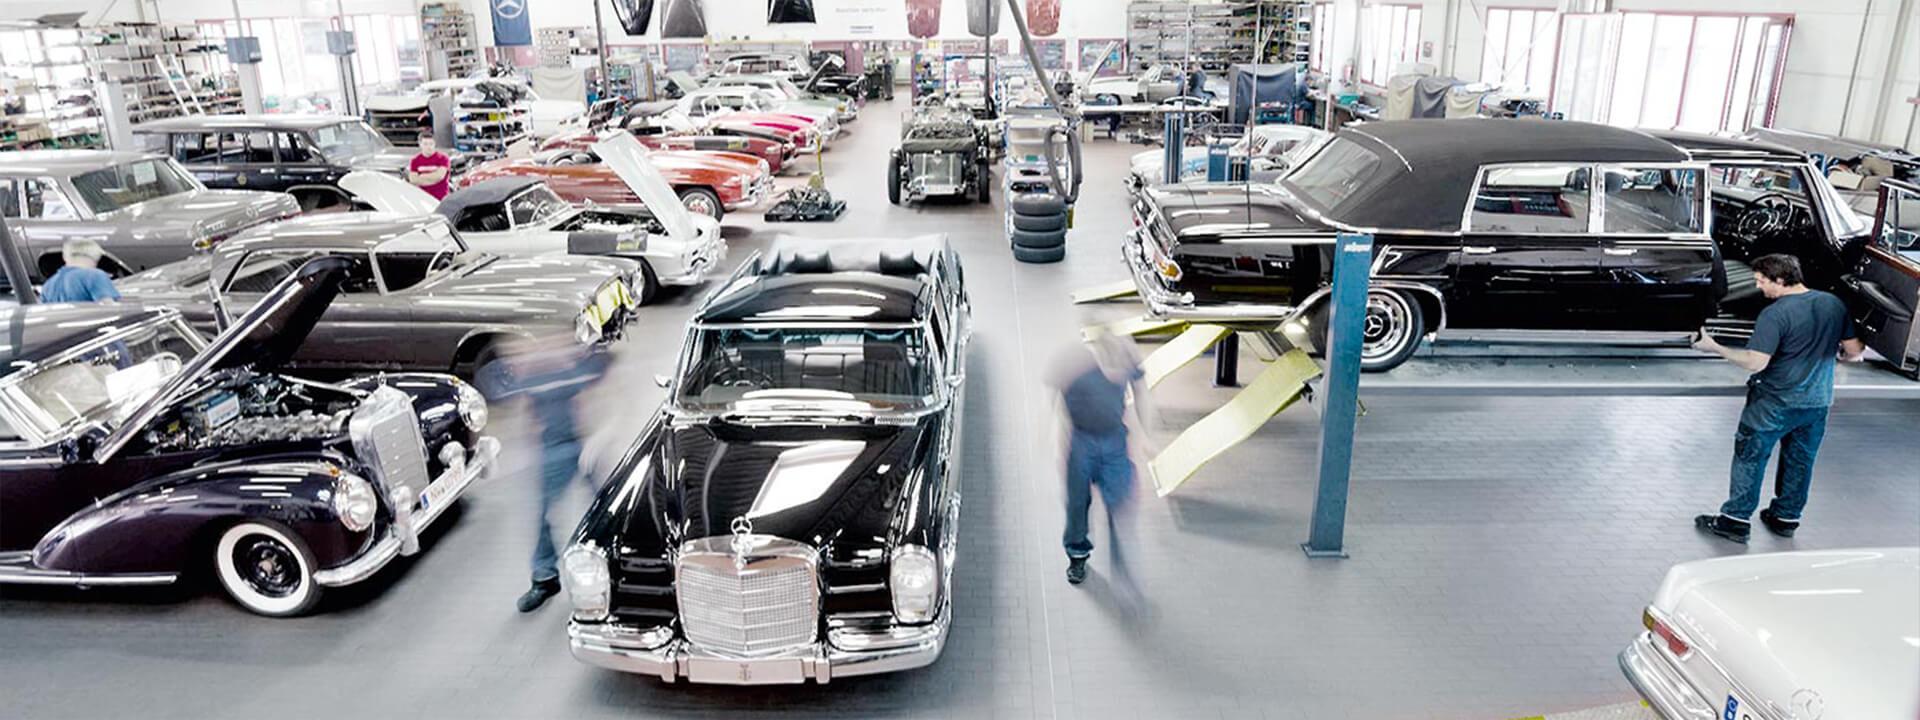 Vintage Mercedes car workshop